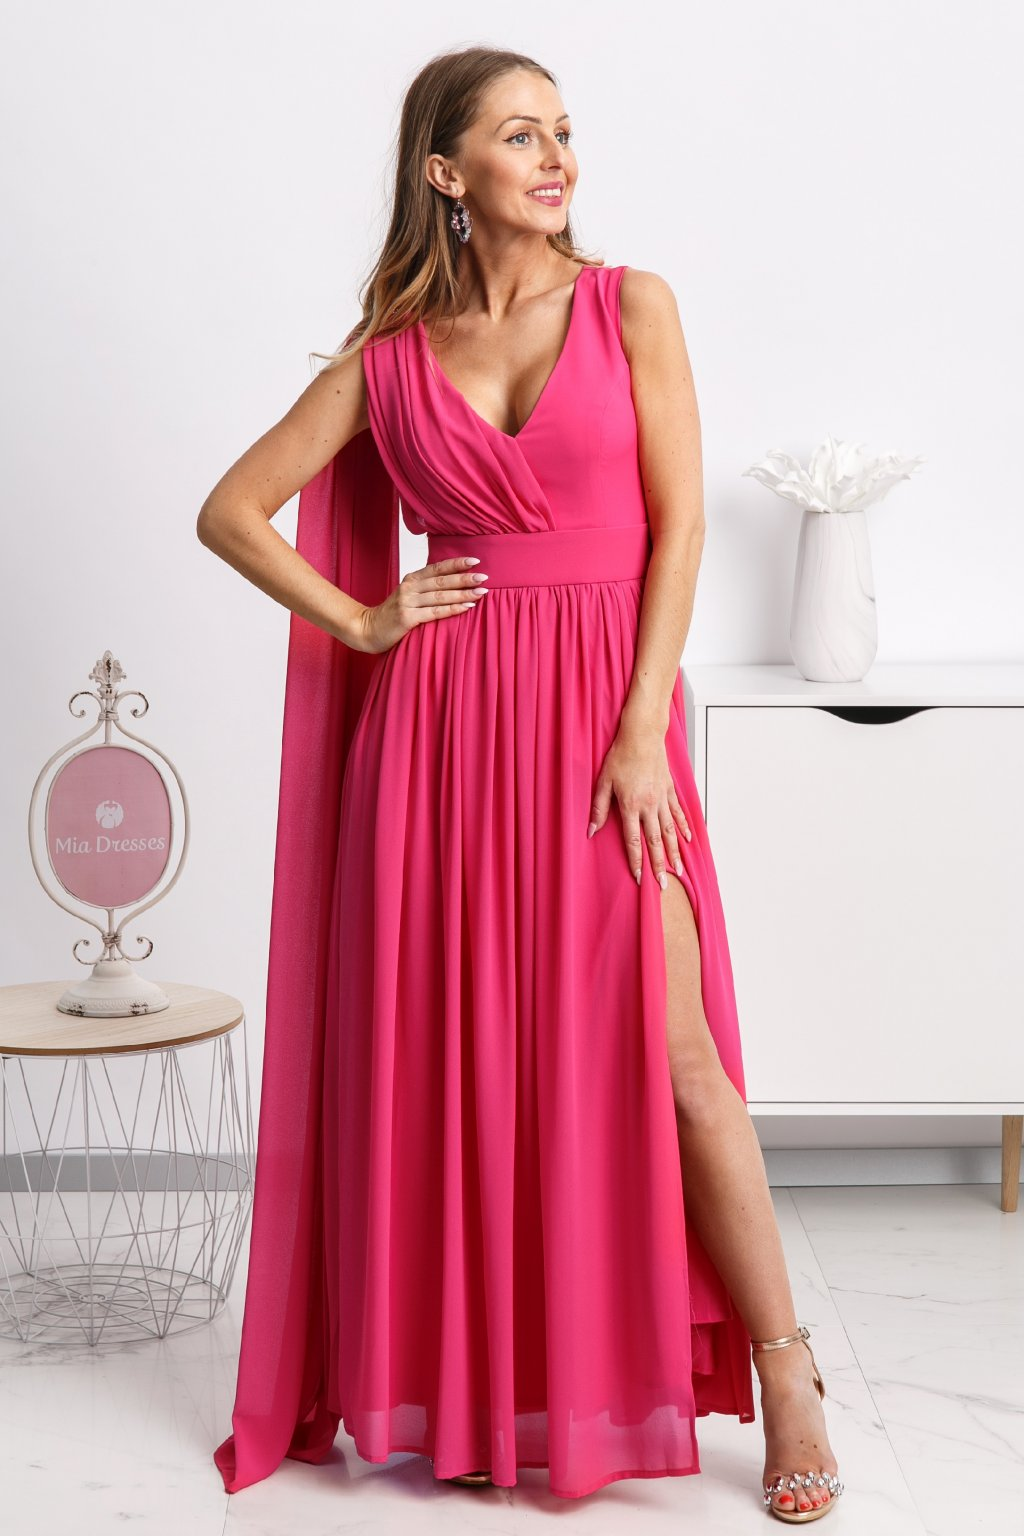 ce4564b45e97 Ružové spoločenské šaty so štólou - Mia Dresses